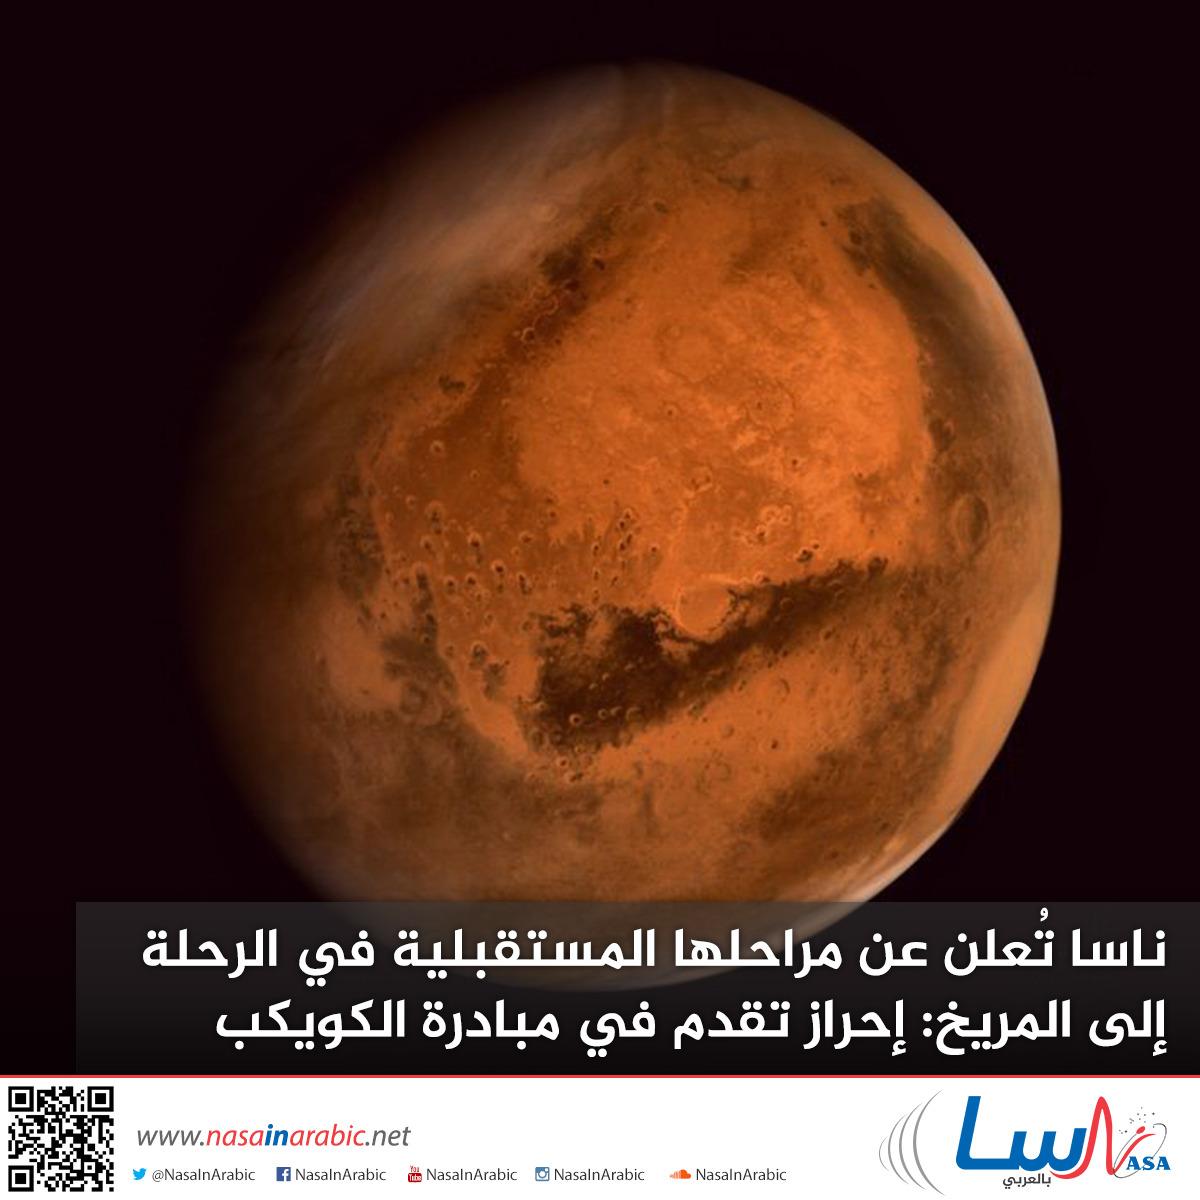 ناسا تُعلن عن مراحلها المستقبلية في الرحلة إلى المريخ: إحراز تقدم في مبادرة الكويكب